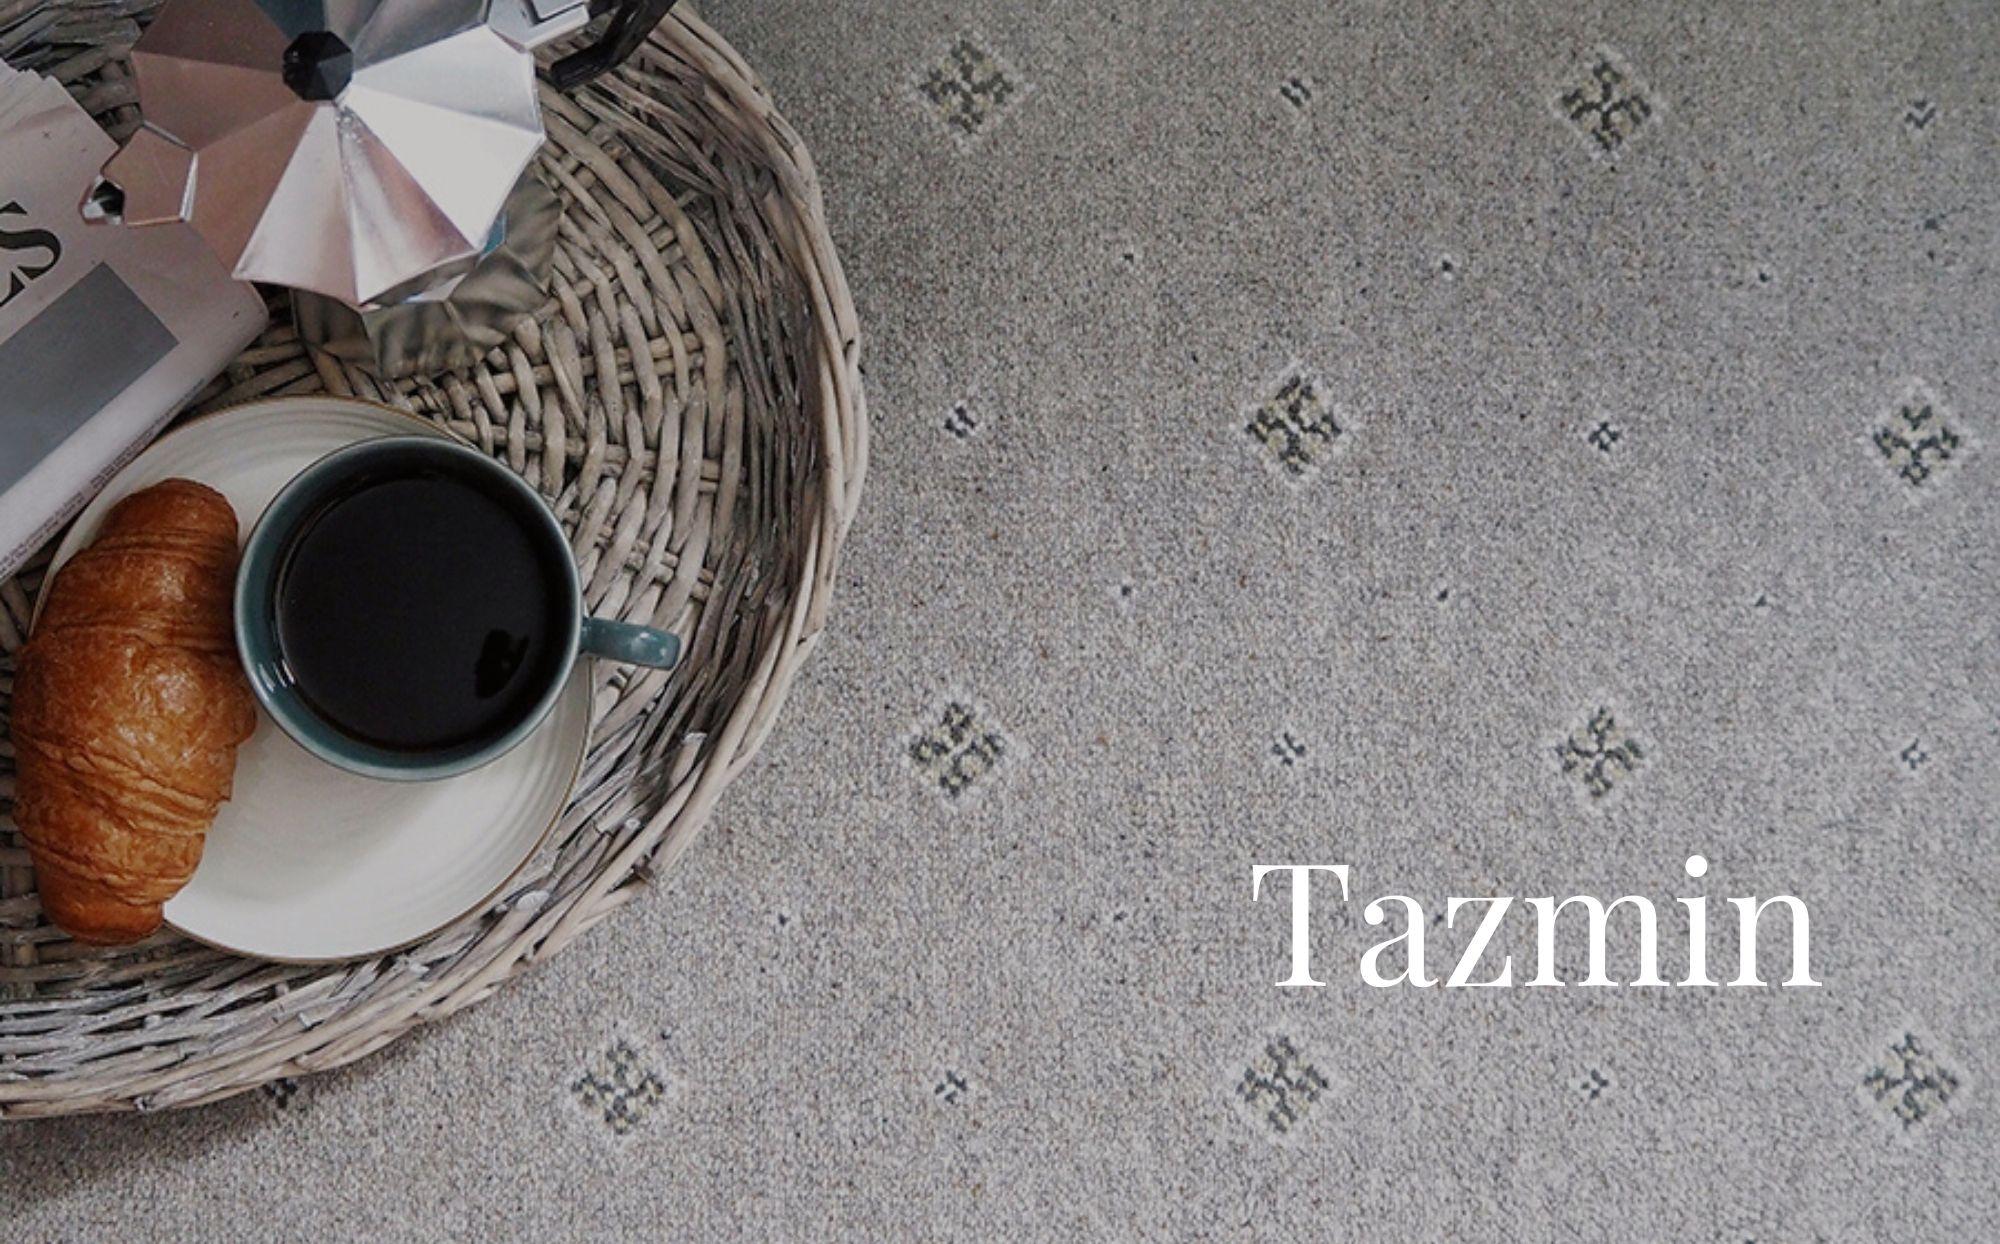 Tazmin